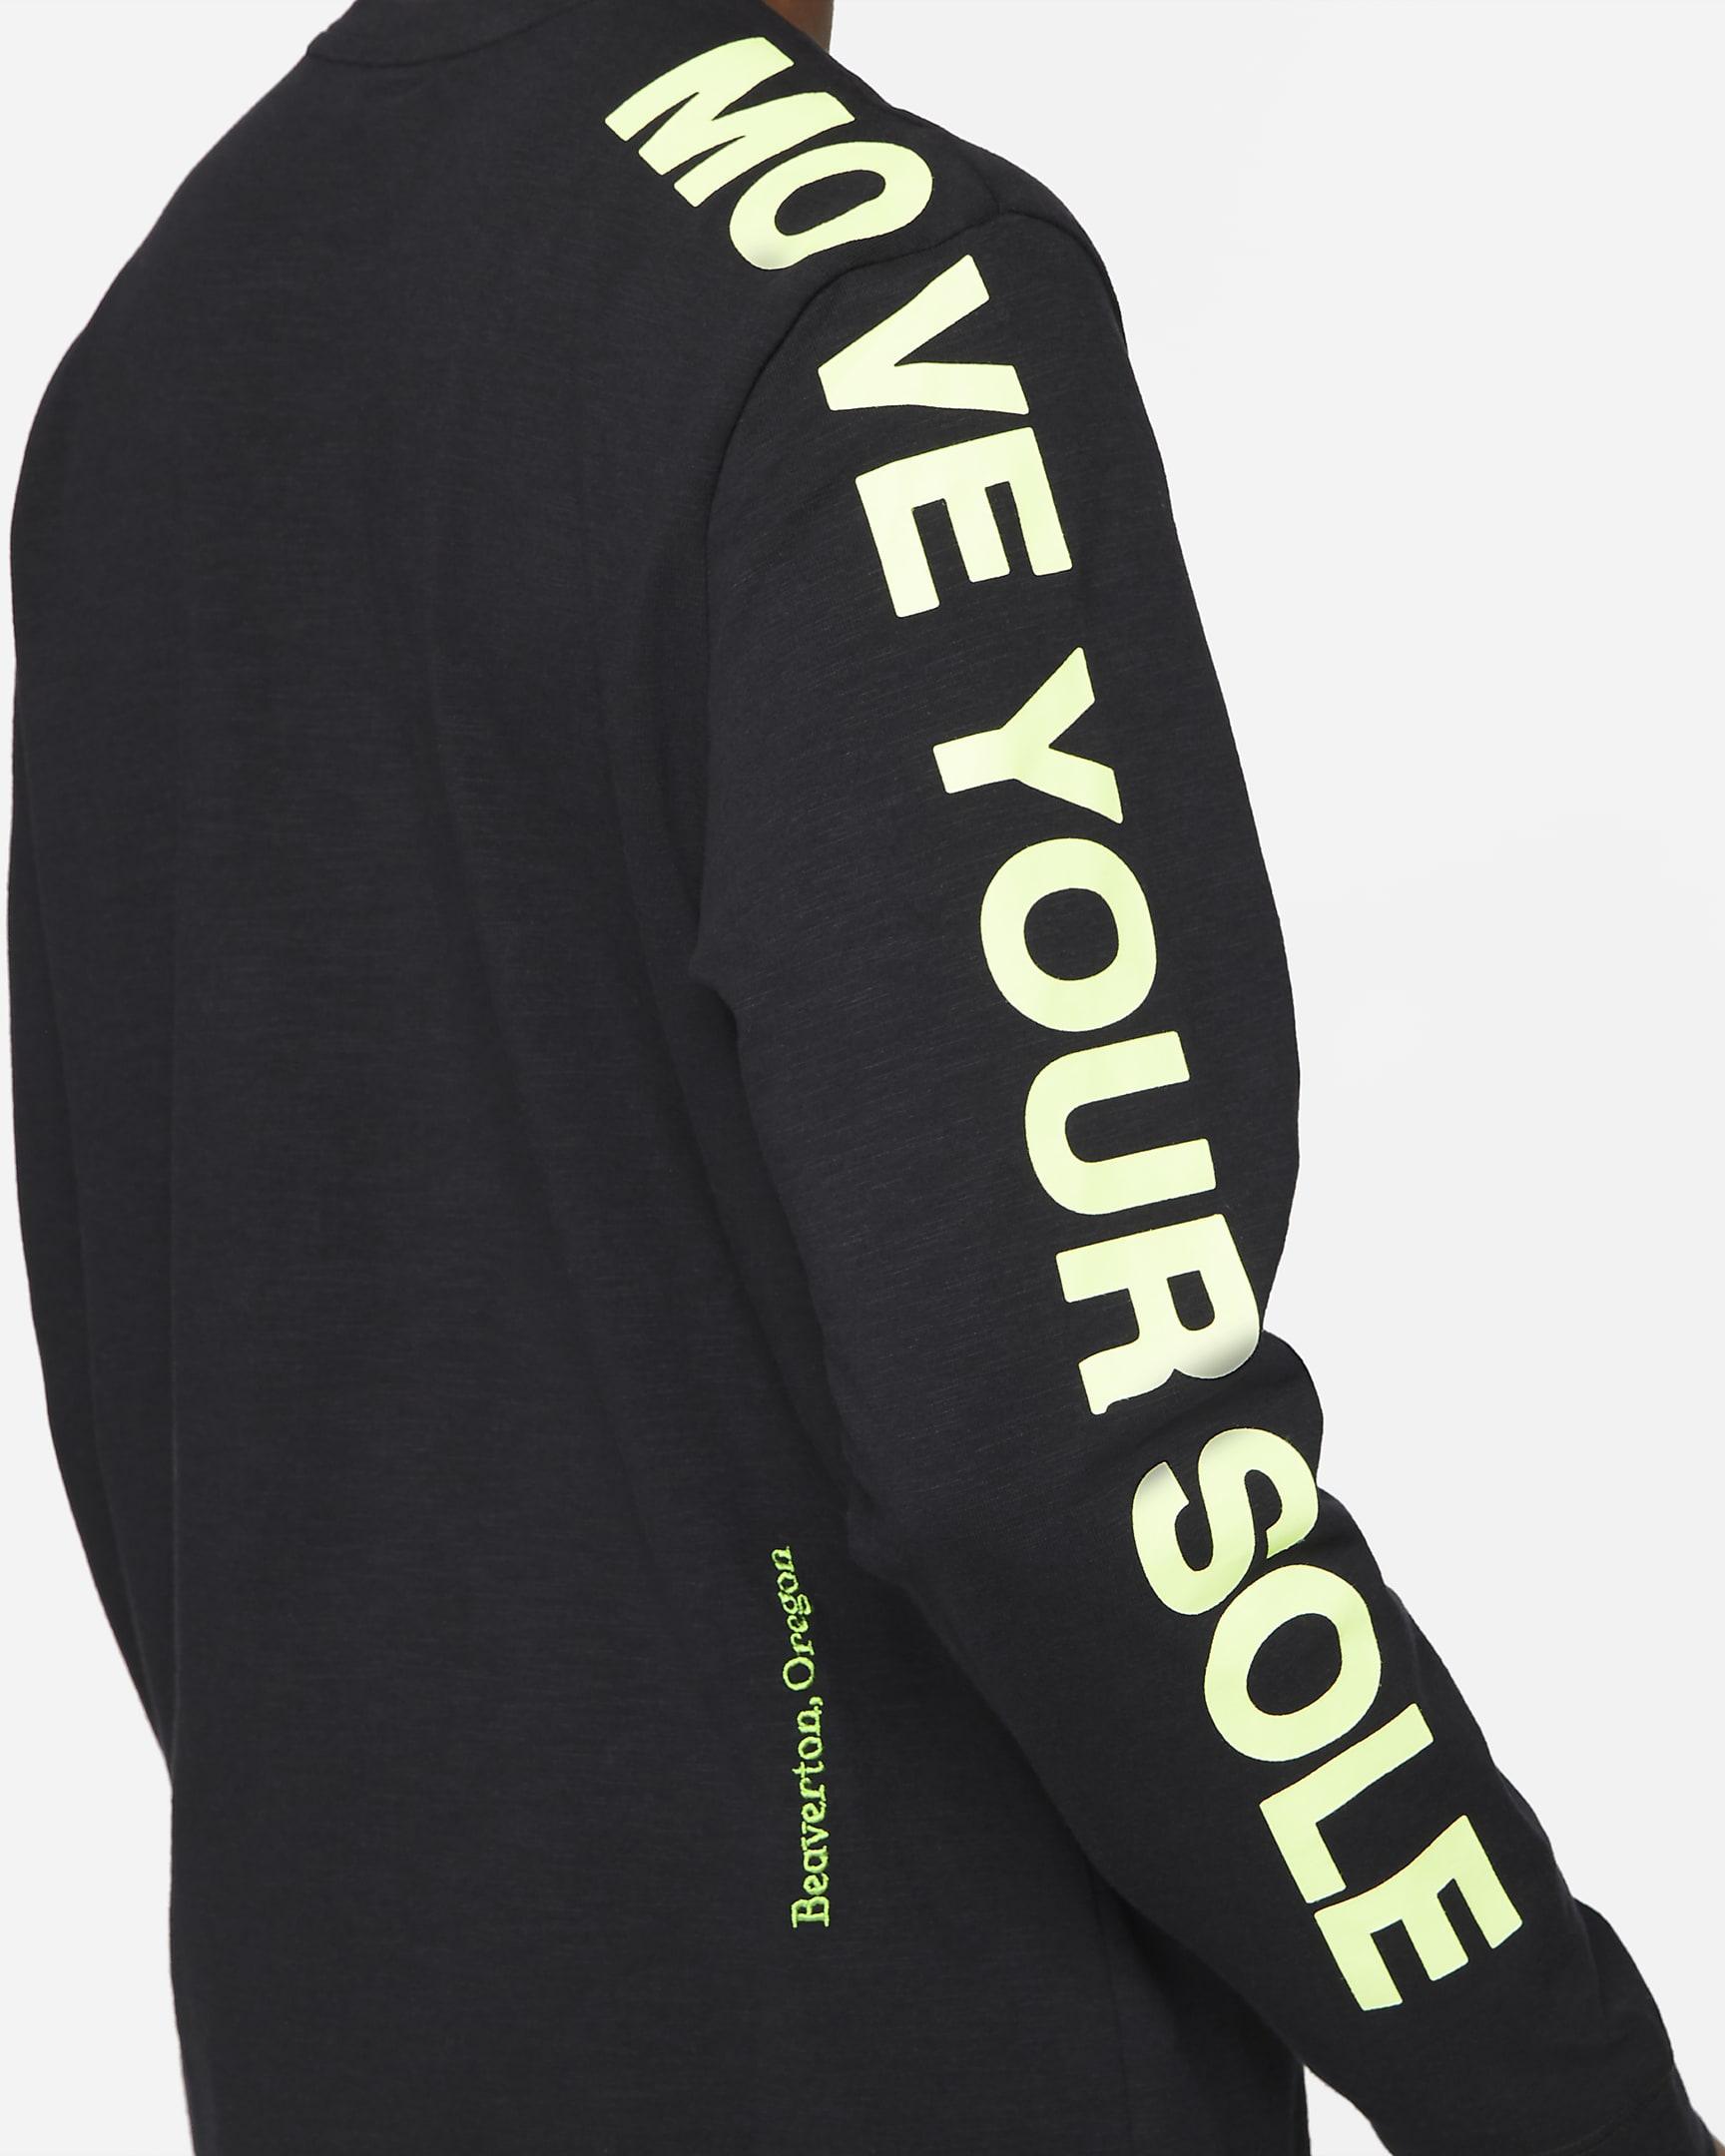 sportswear-mens-long-sleeve-top-HkJnlK-3